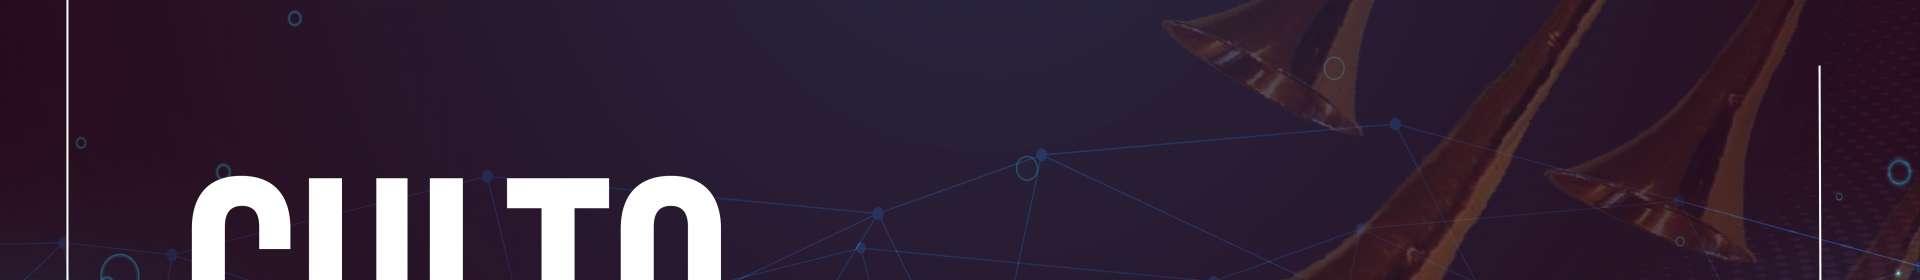 Culto via satélite exibido em 21/03/2020